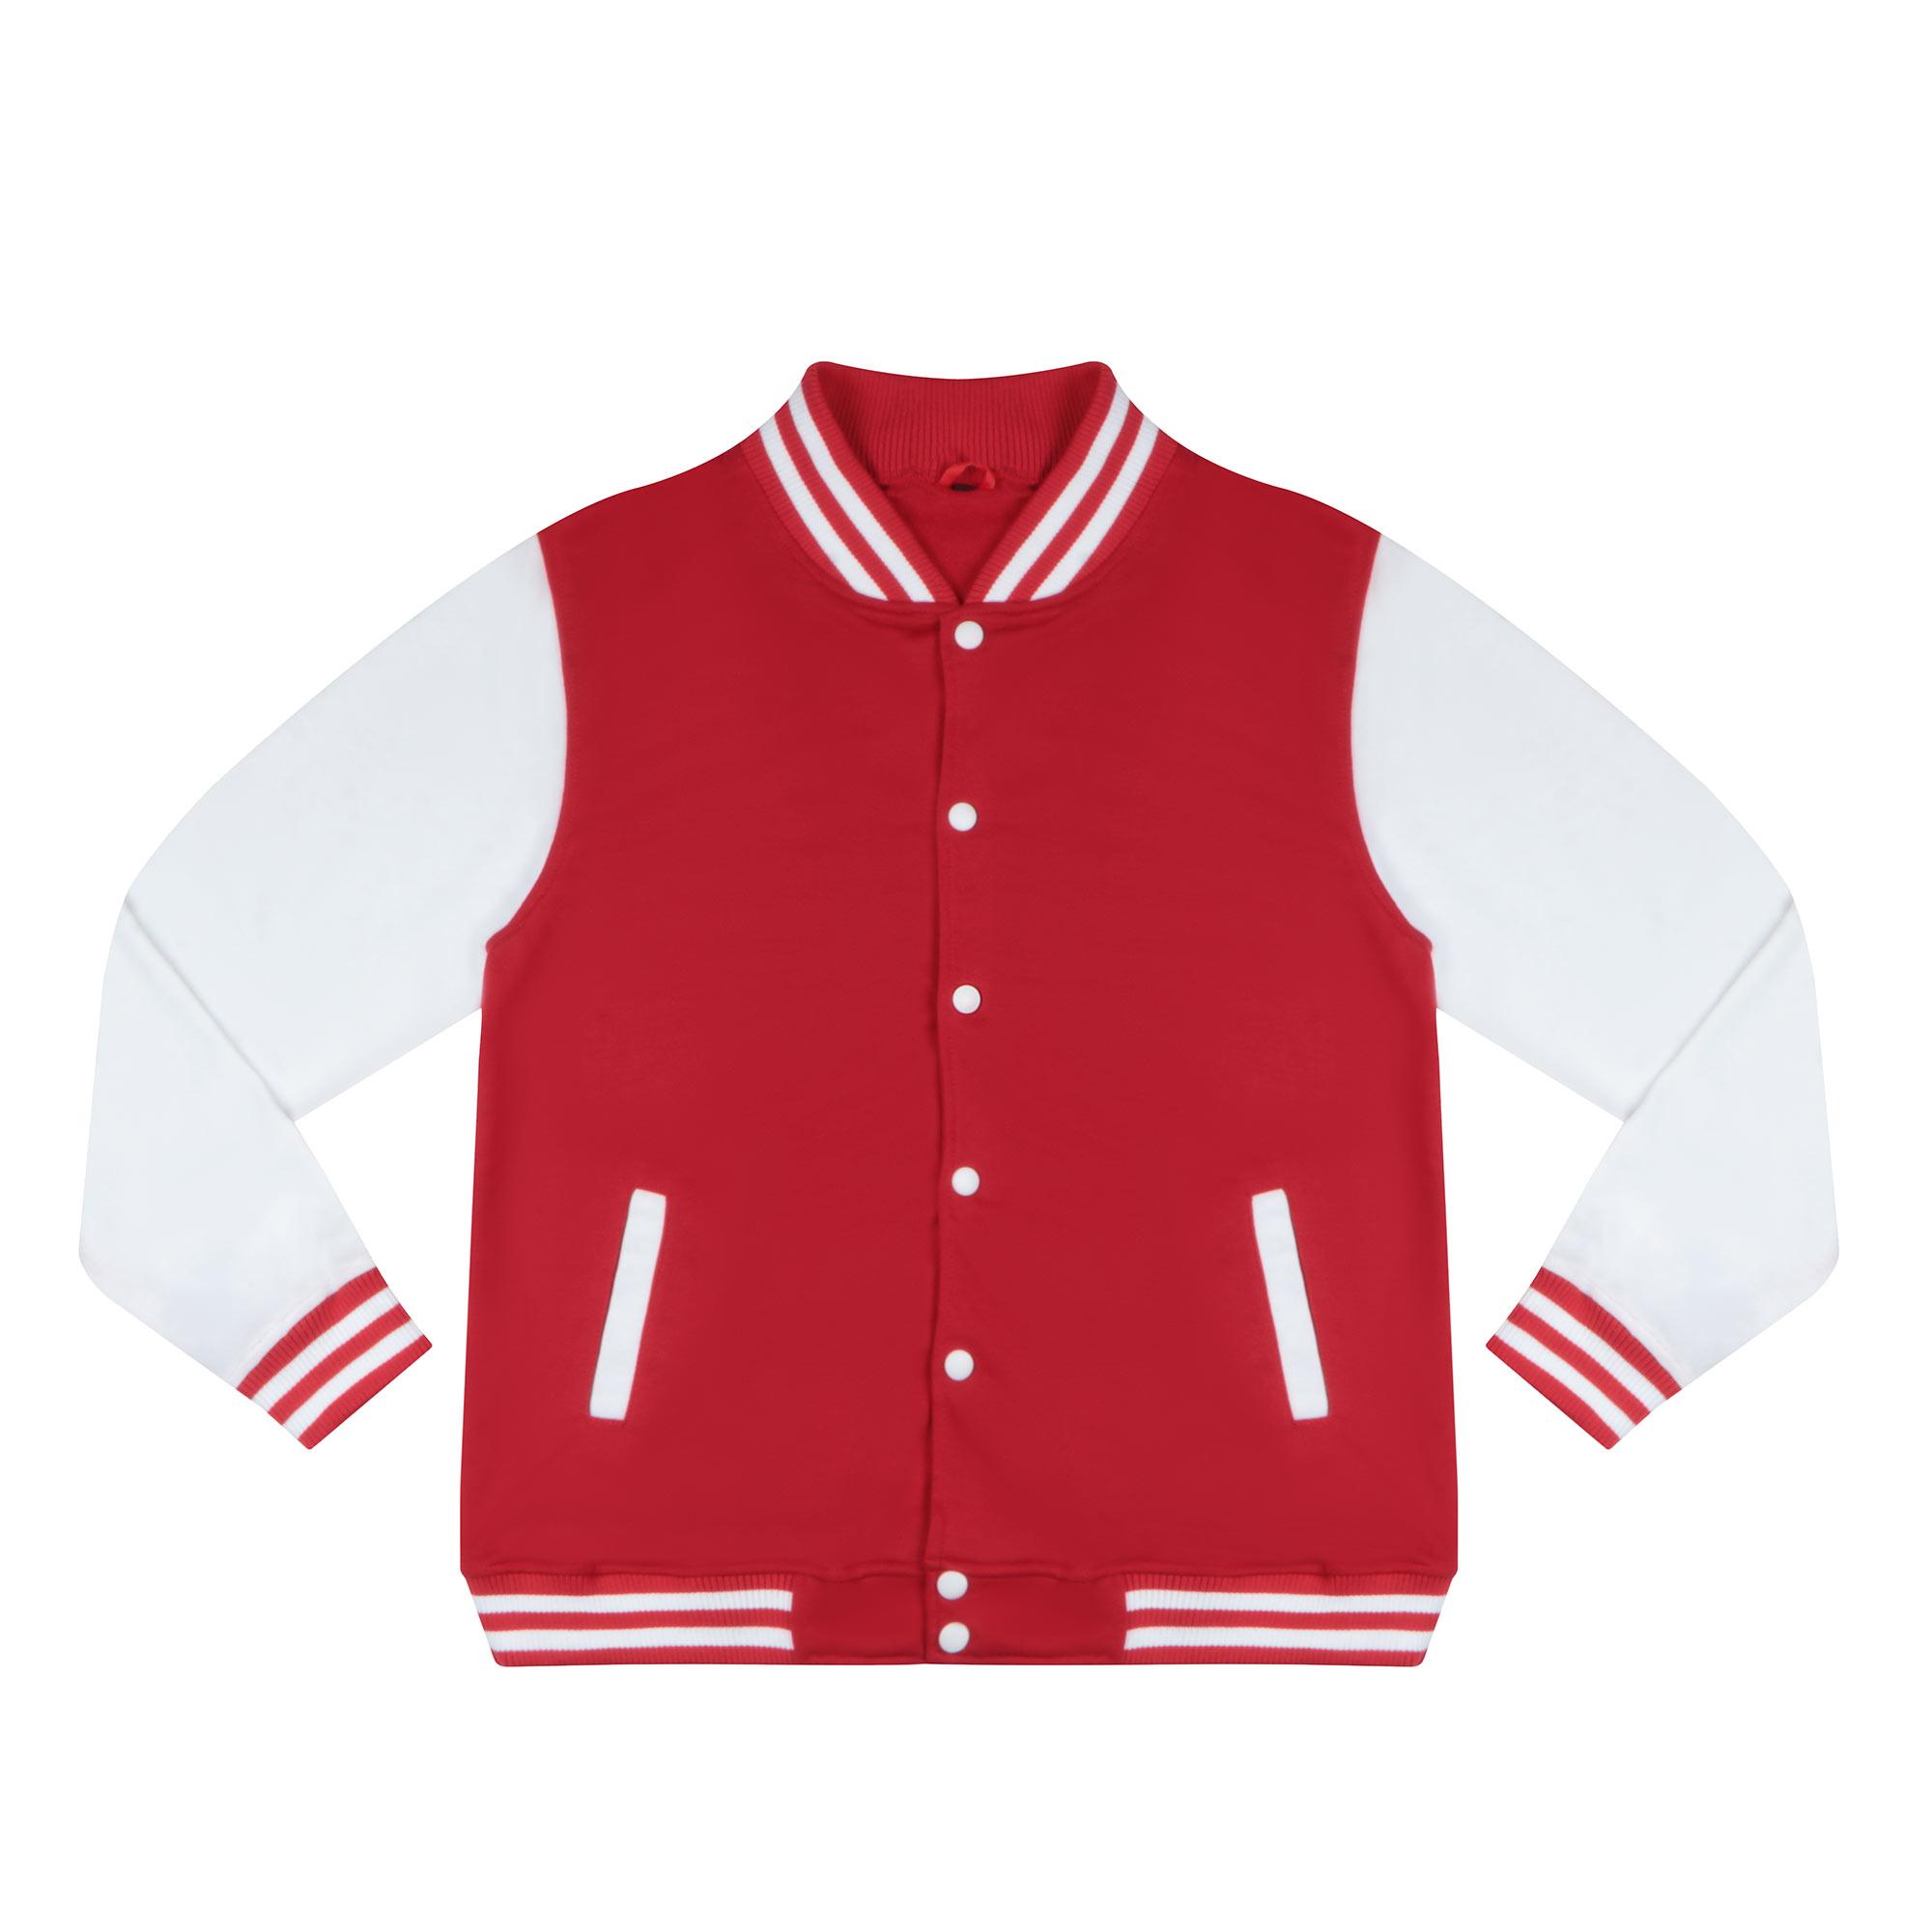 Бомбер Garment красный/белый M хлопок